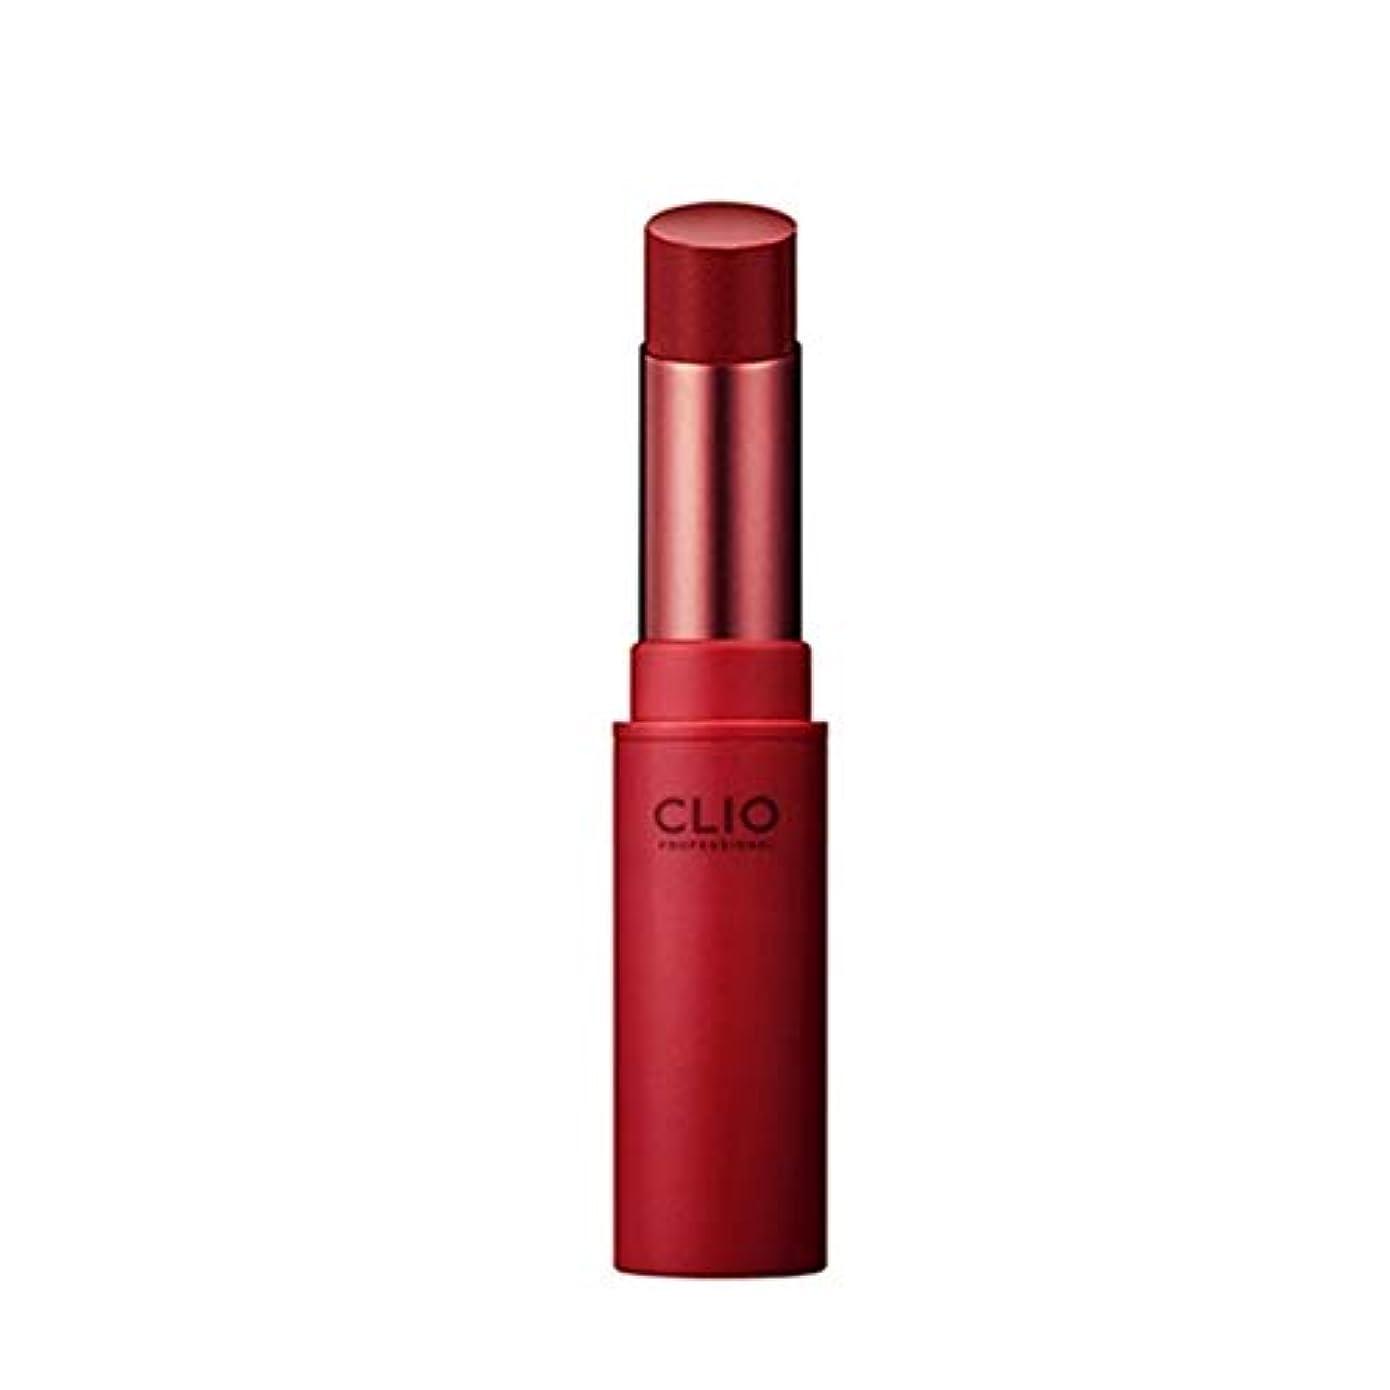 進む心配する限られたクリオマッドマットリップADリップスティック韓国コスメ、Clio Mad Matte Lips AD Lipstick Korean Cosmetics [並行輸入品] (18. deep cranberry)